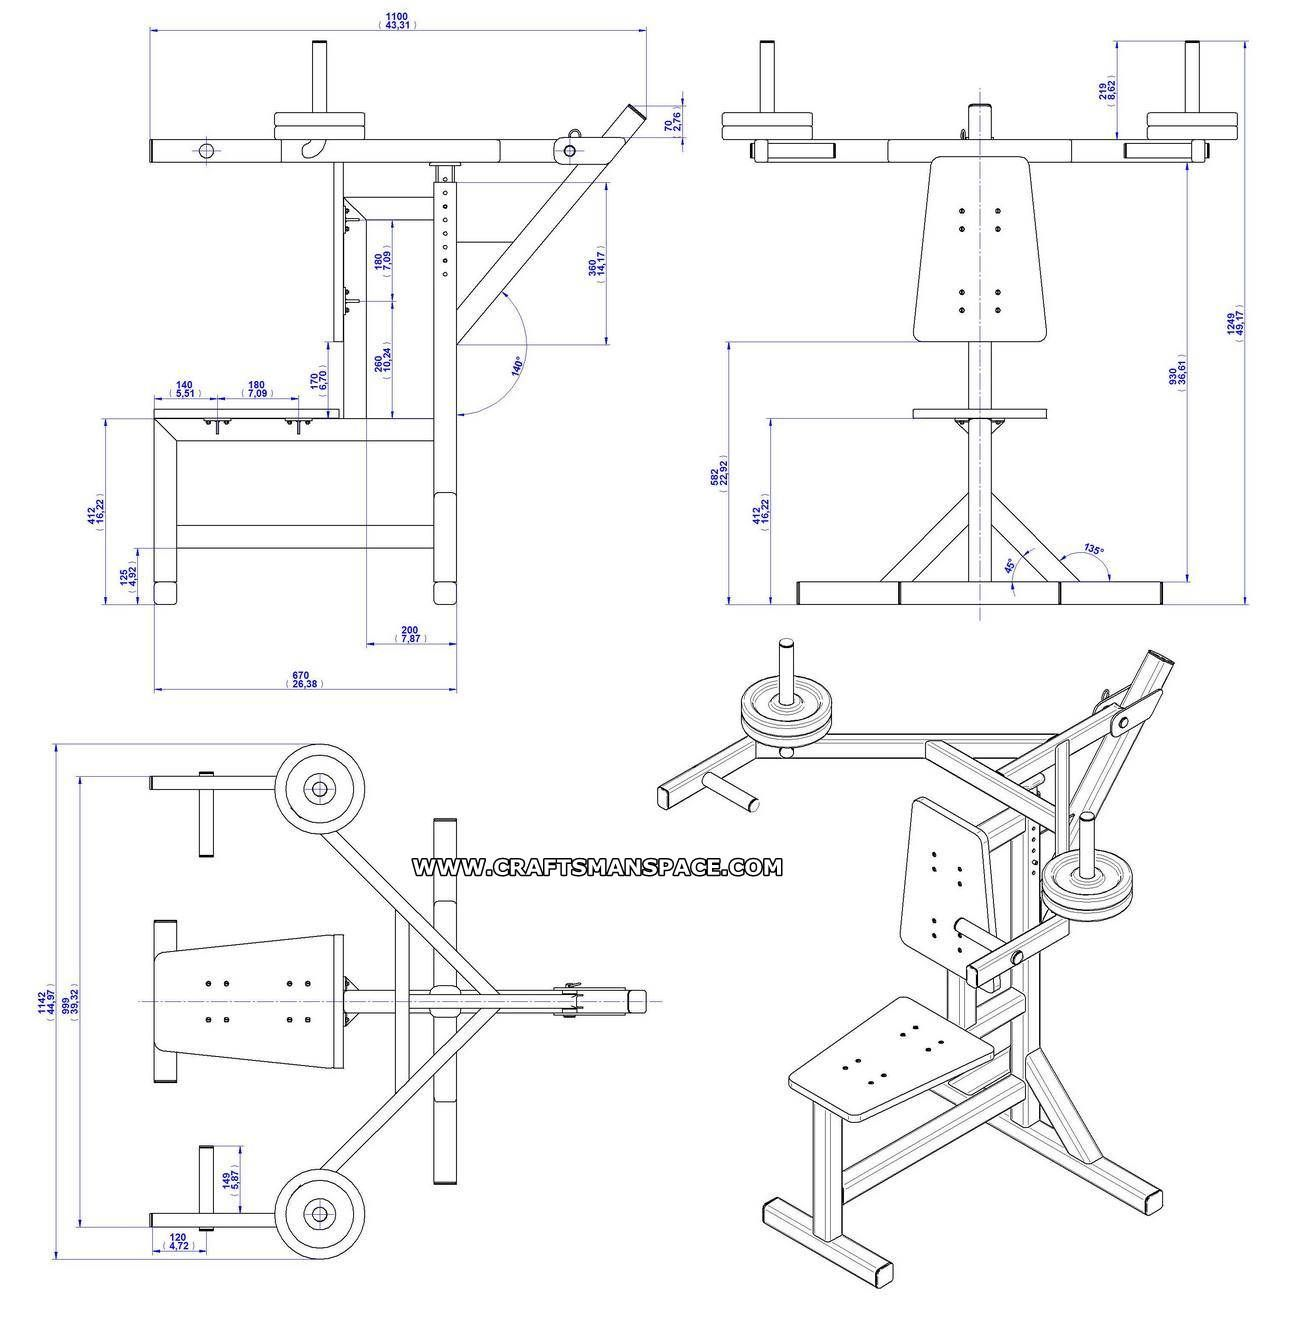 Shoulder Press Bench Plan At Home Gym Gym Design Diy Workout